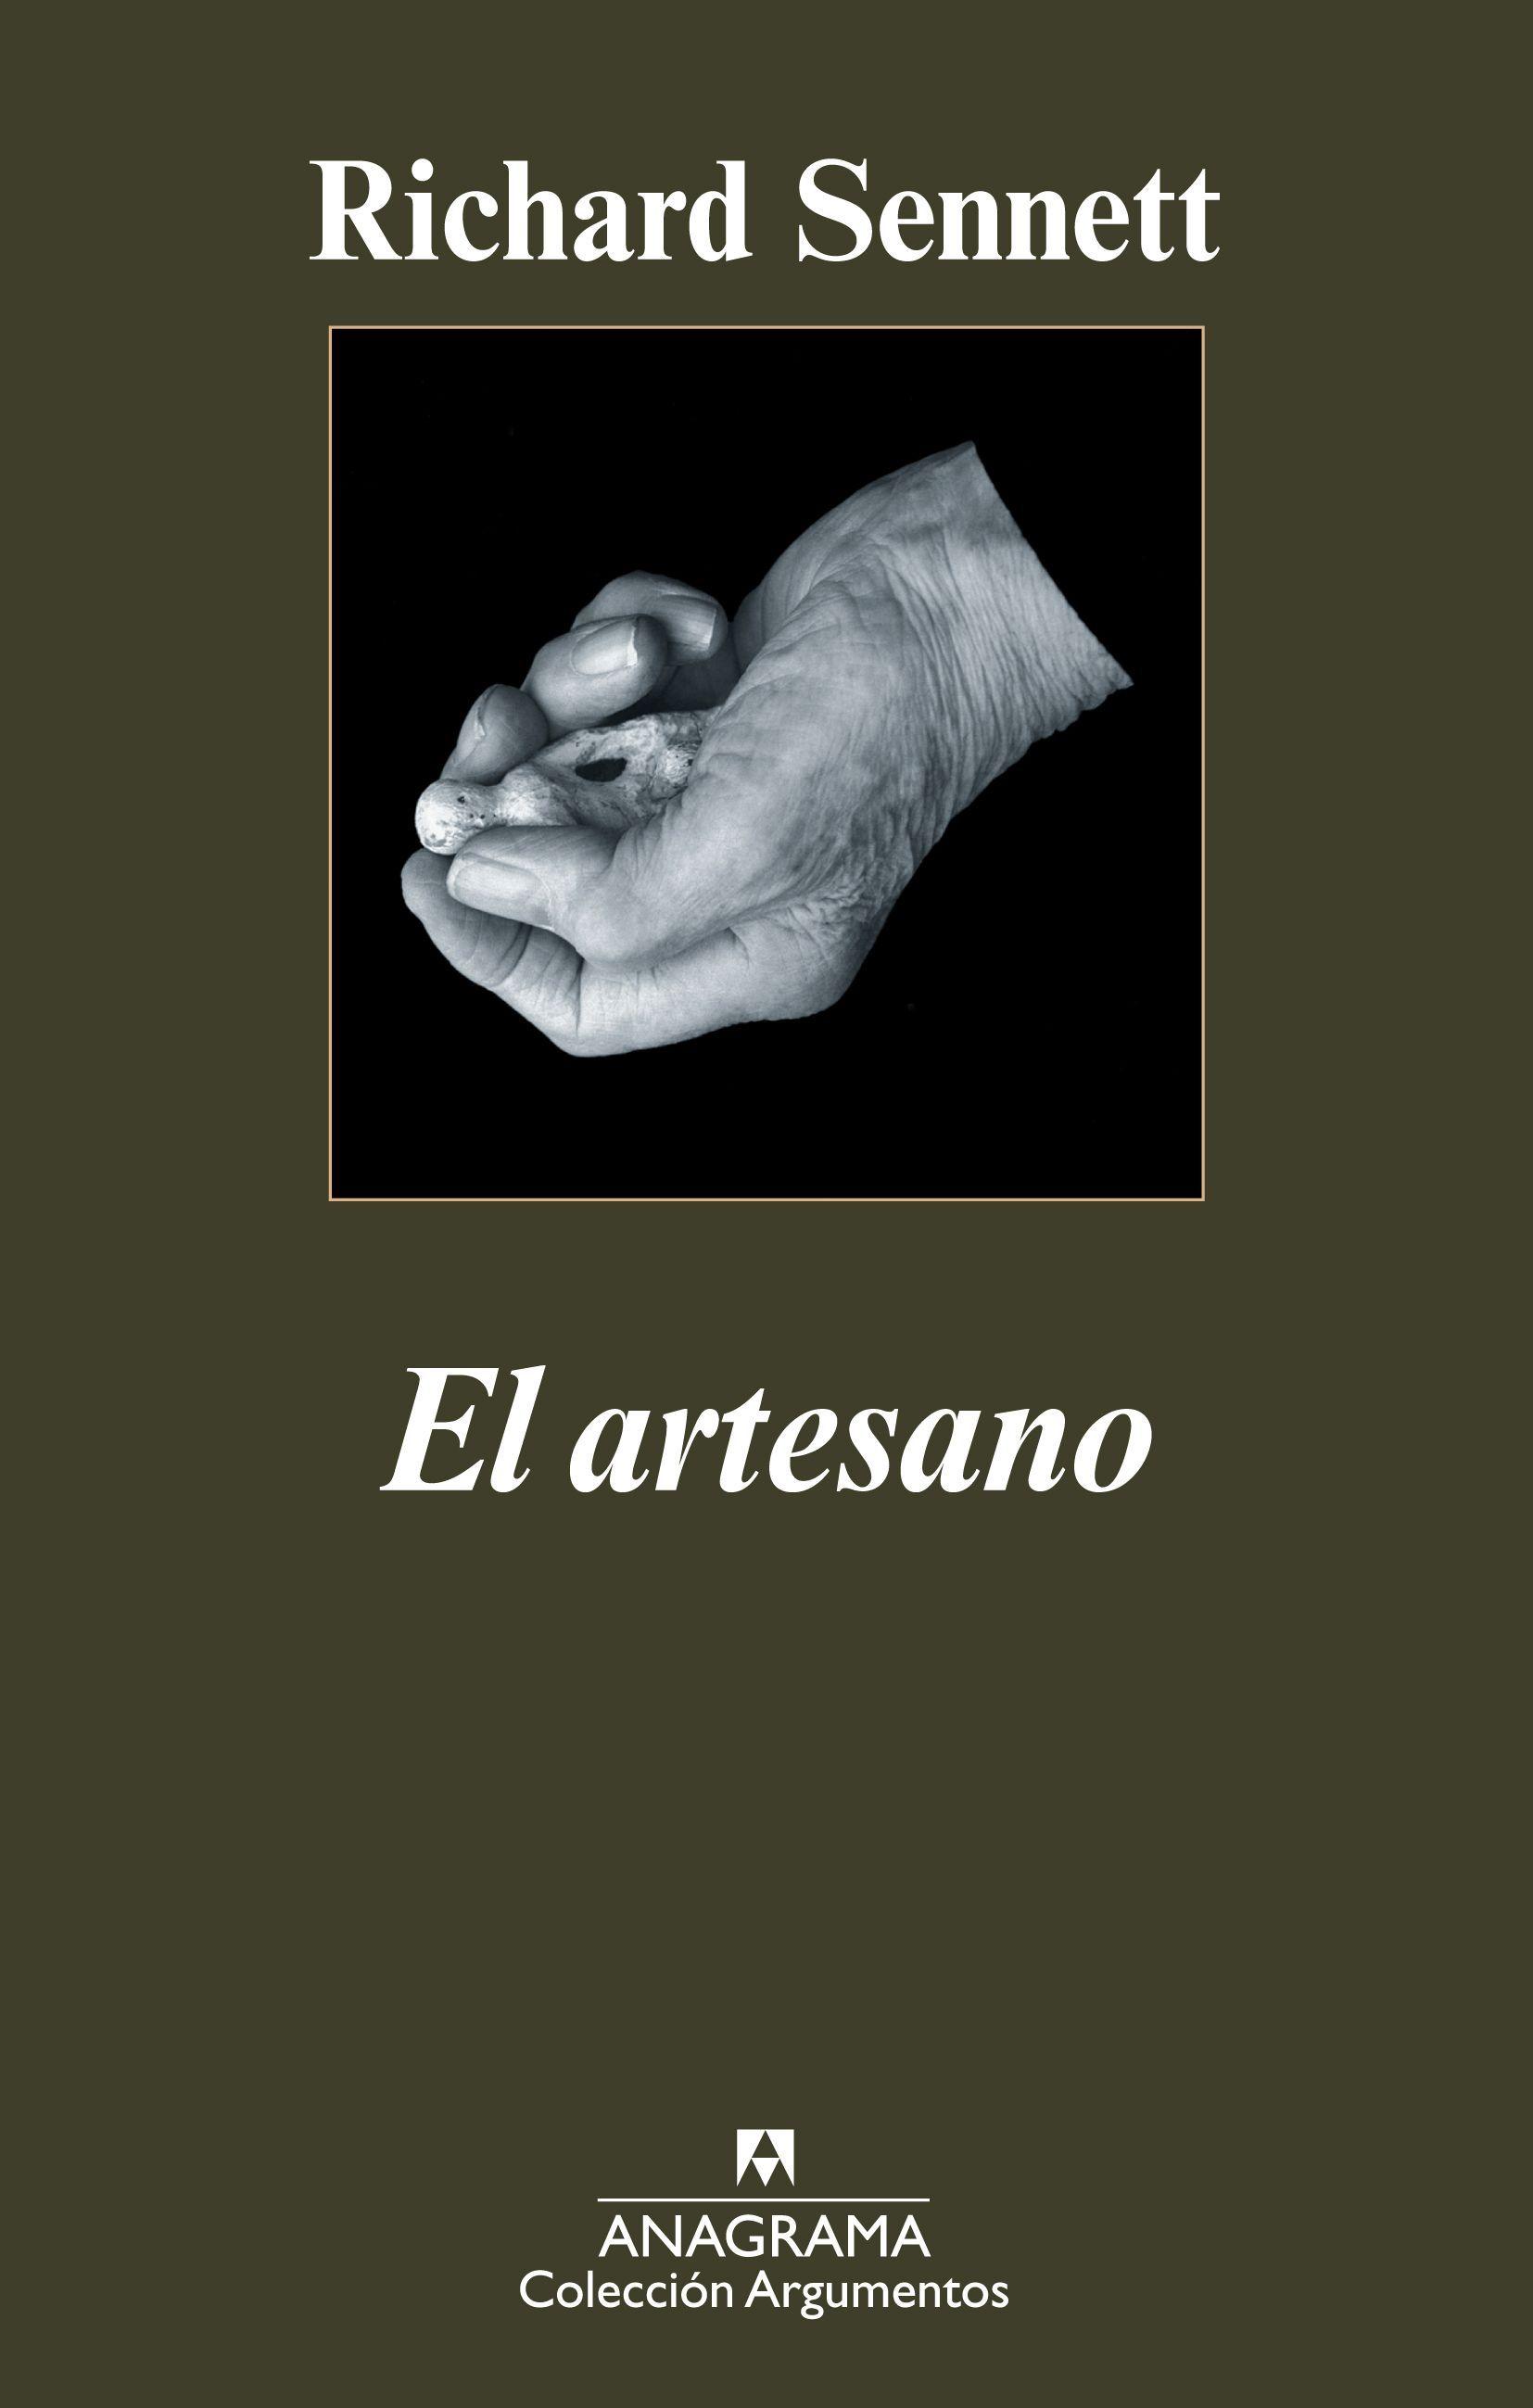 SENNETT RICHARD EL ARTESANO DOWNLOAD